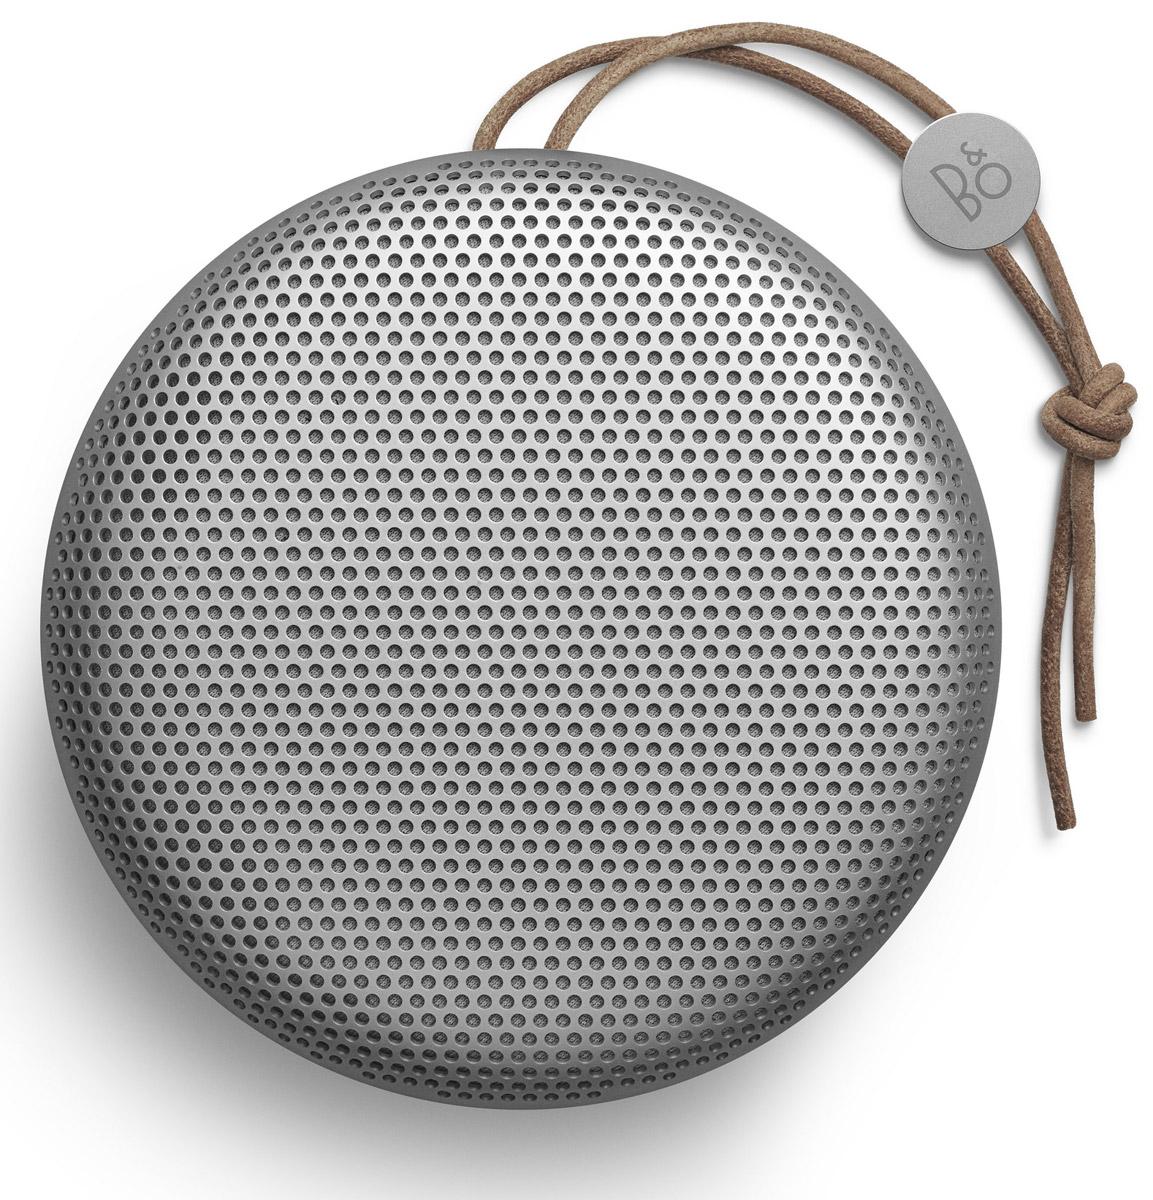 Bang & Olufsen BeoPlay A1, Natural портативная акустическая система1297846Стильный ультрапортативный корпус портативной акустики Bang & Olufsen BeoPlay A1 умещается на ладони и не боится пыли и брызг: идеальный вариант для прогулок, пикников и походов. Система с пиковой мощностью 2 х 140 Вт воспроизводит всенаправленный звук 360° с глубокими басами и работает без подзарядки до 24 часов при обычном уровне громкости. Хотите получить мощный стереоэффект? Включите две Beoplay A1 одновременно!Мощность усилителей: 2 x 30 ВтЕмкость аккумулятора: 2200 мАч